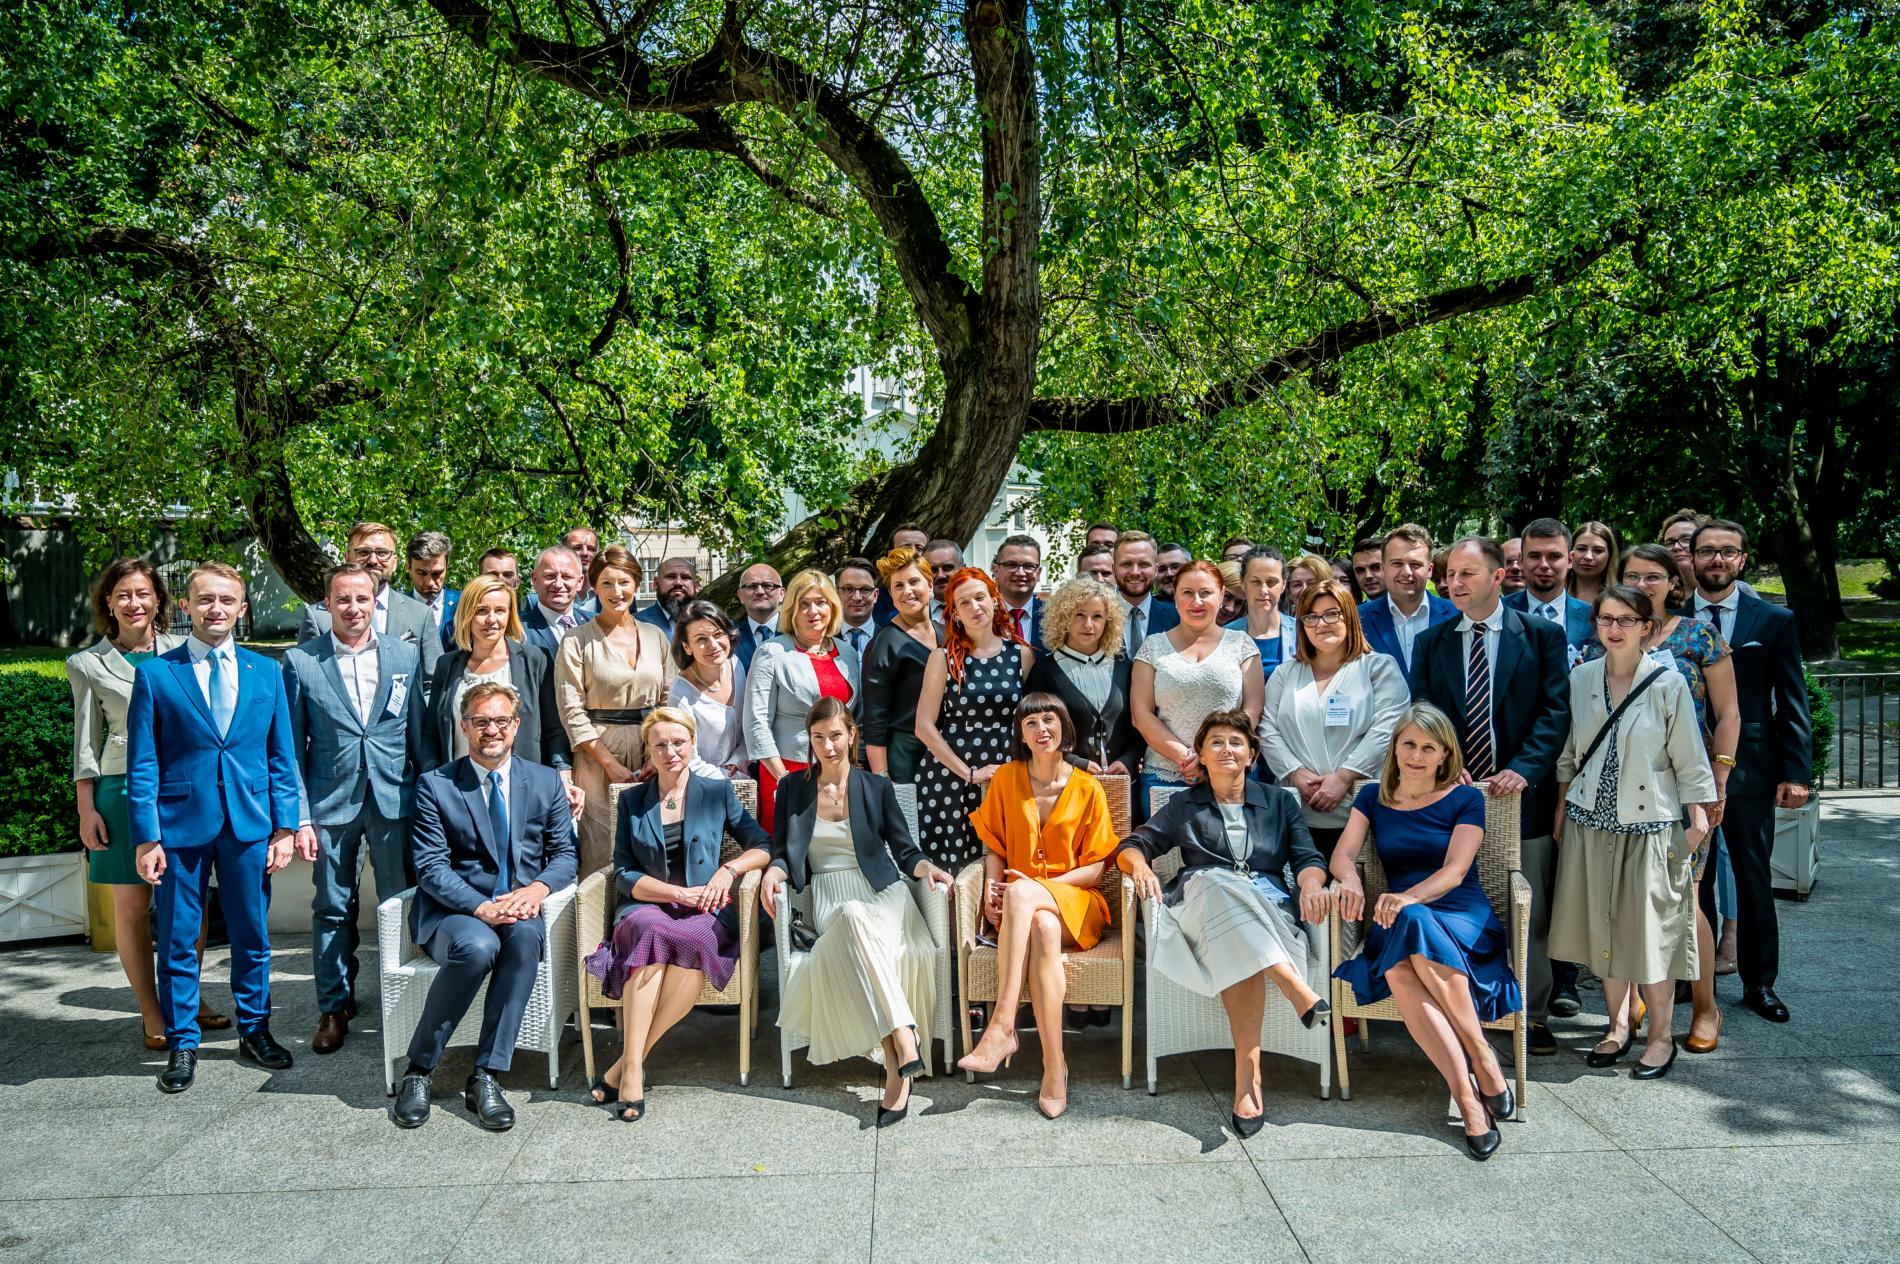 Inauguracja 27. Szkoły Liderów Politycznych, 6 czerwca 2019, Hotel Bellotto w Warszawie. (c) fot: Beata Czarnecka